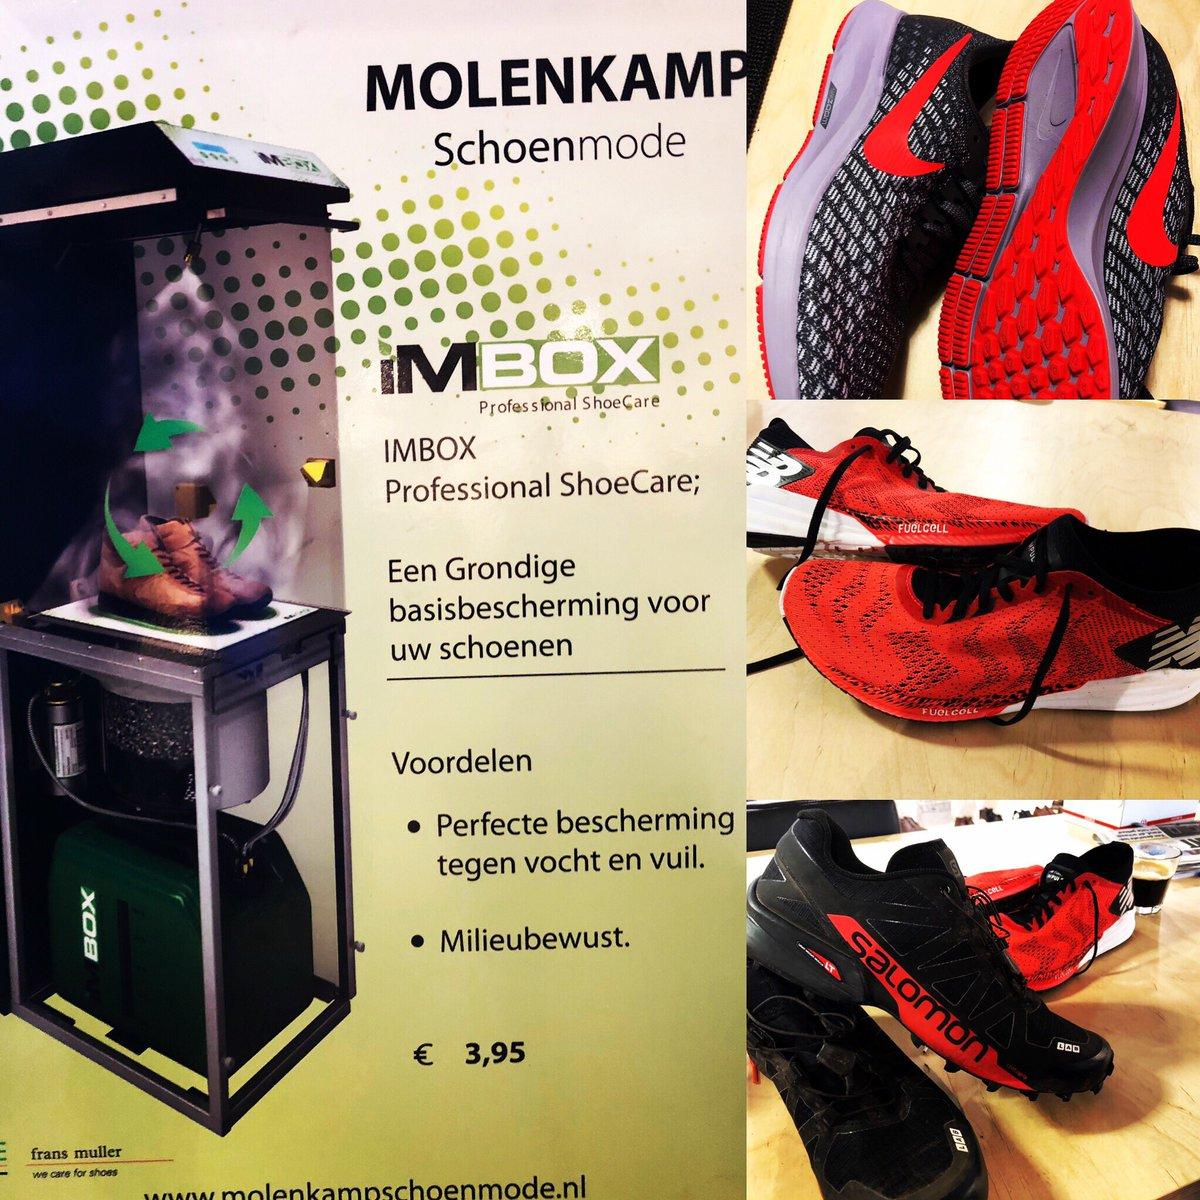 06367eee320 molenkamp schoenmode (@molenkampschoe1)   Twitter